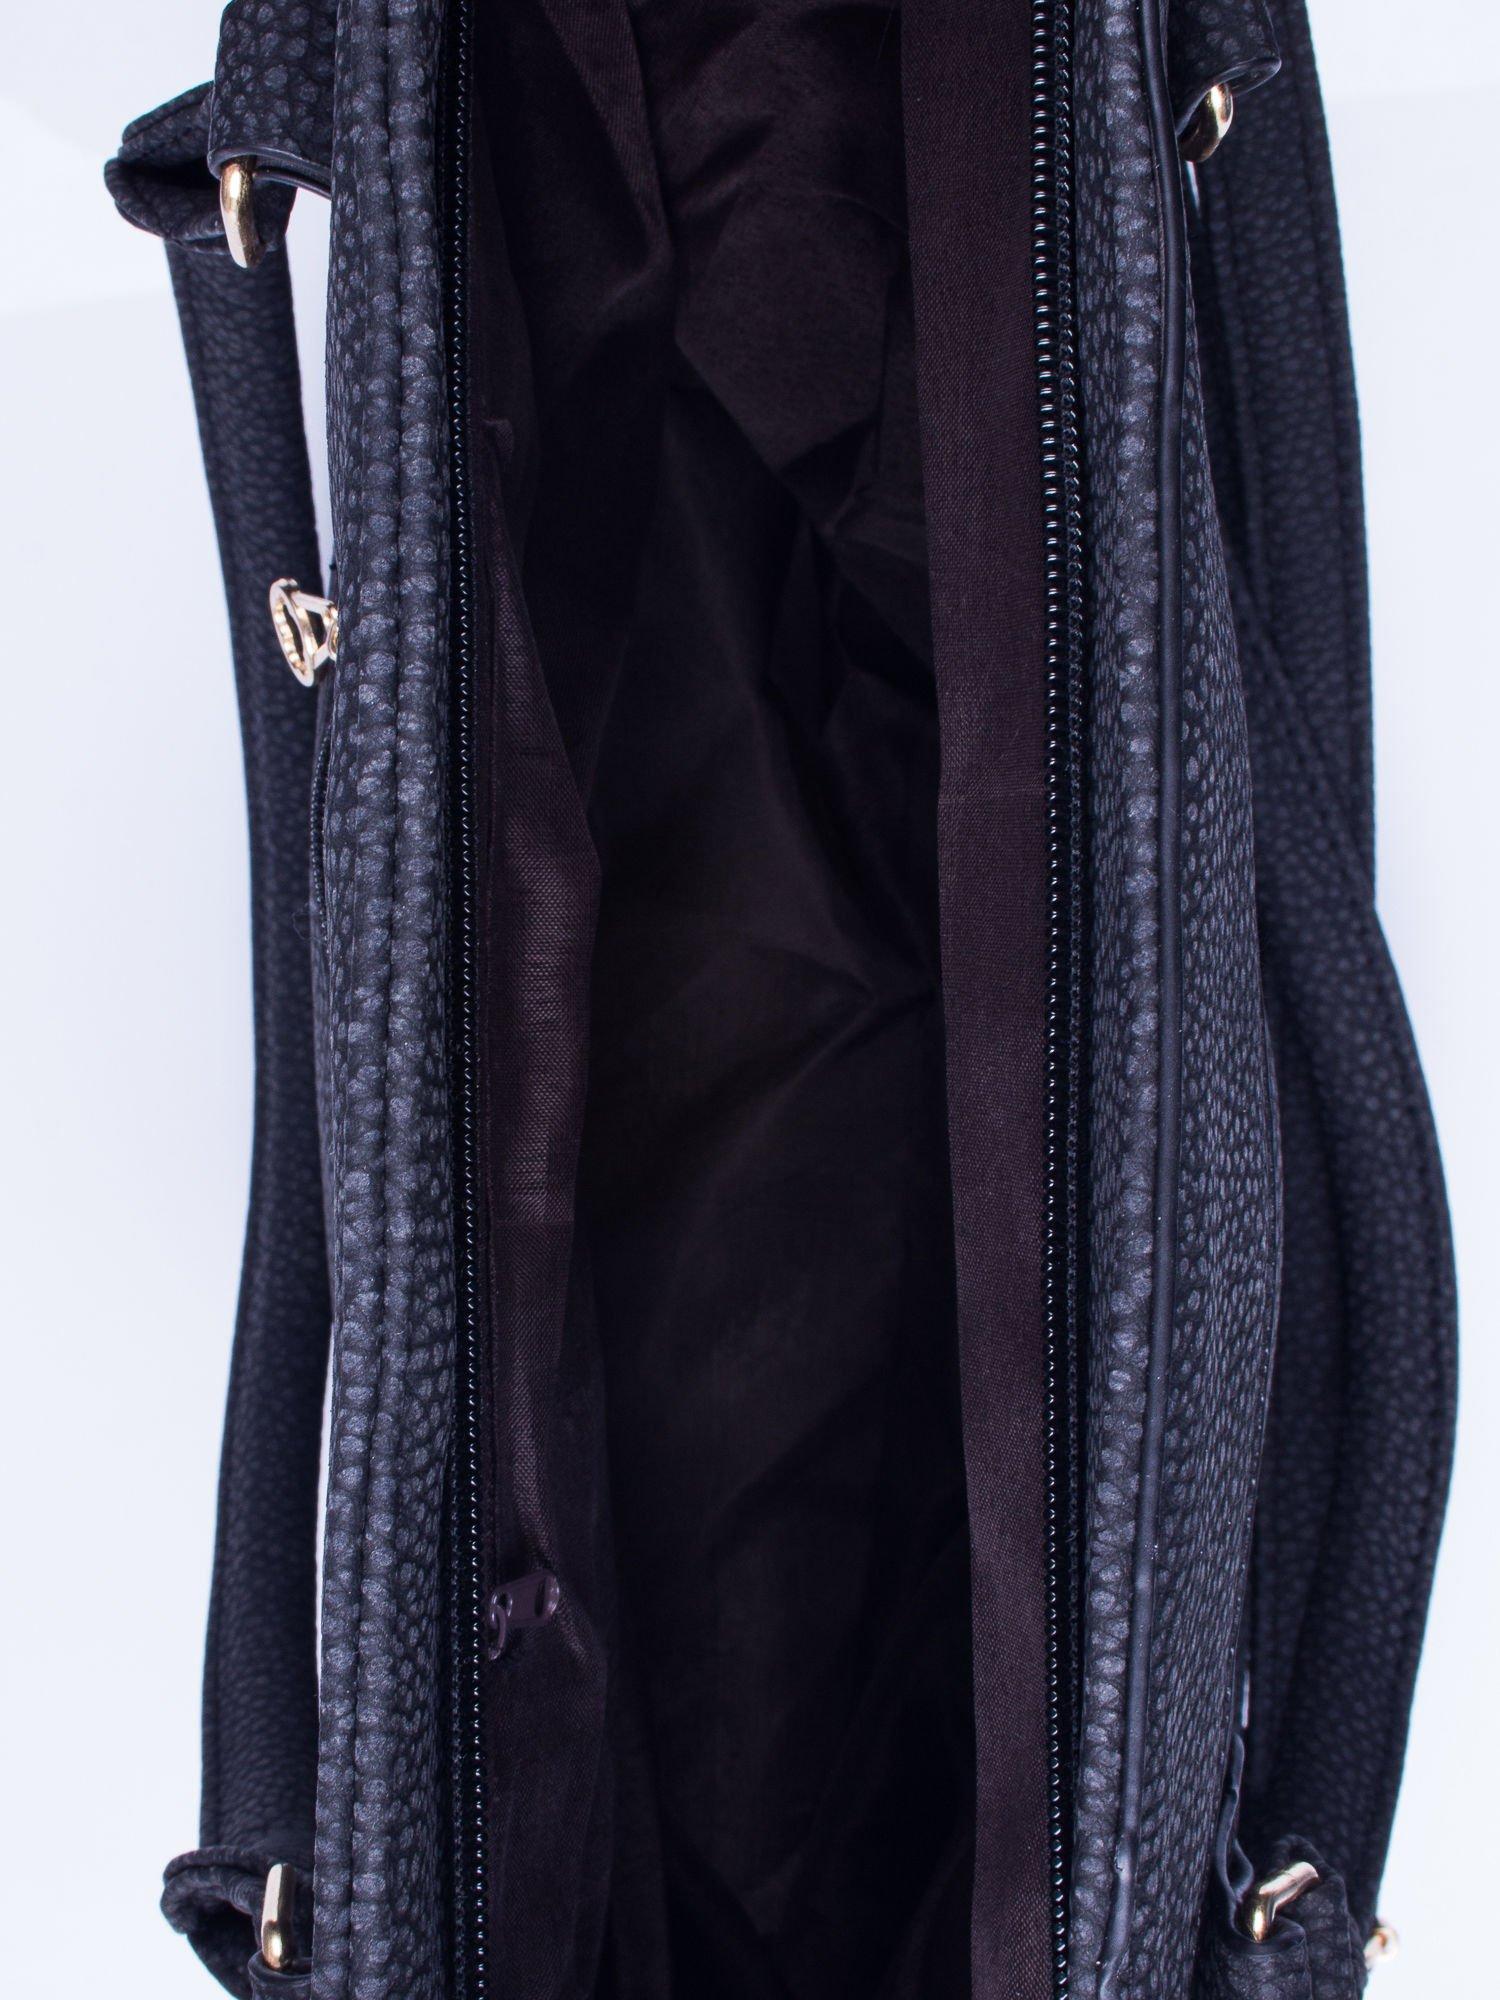 Czarna fakturowana torba miejska z odpinanym paskiem                                  zdj.                                  4